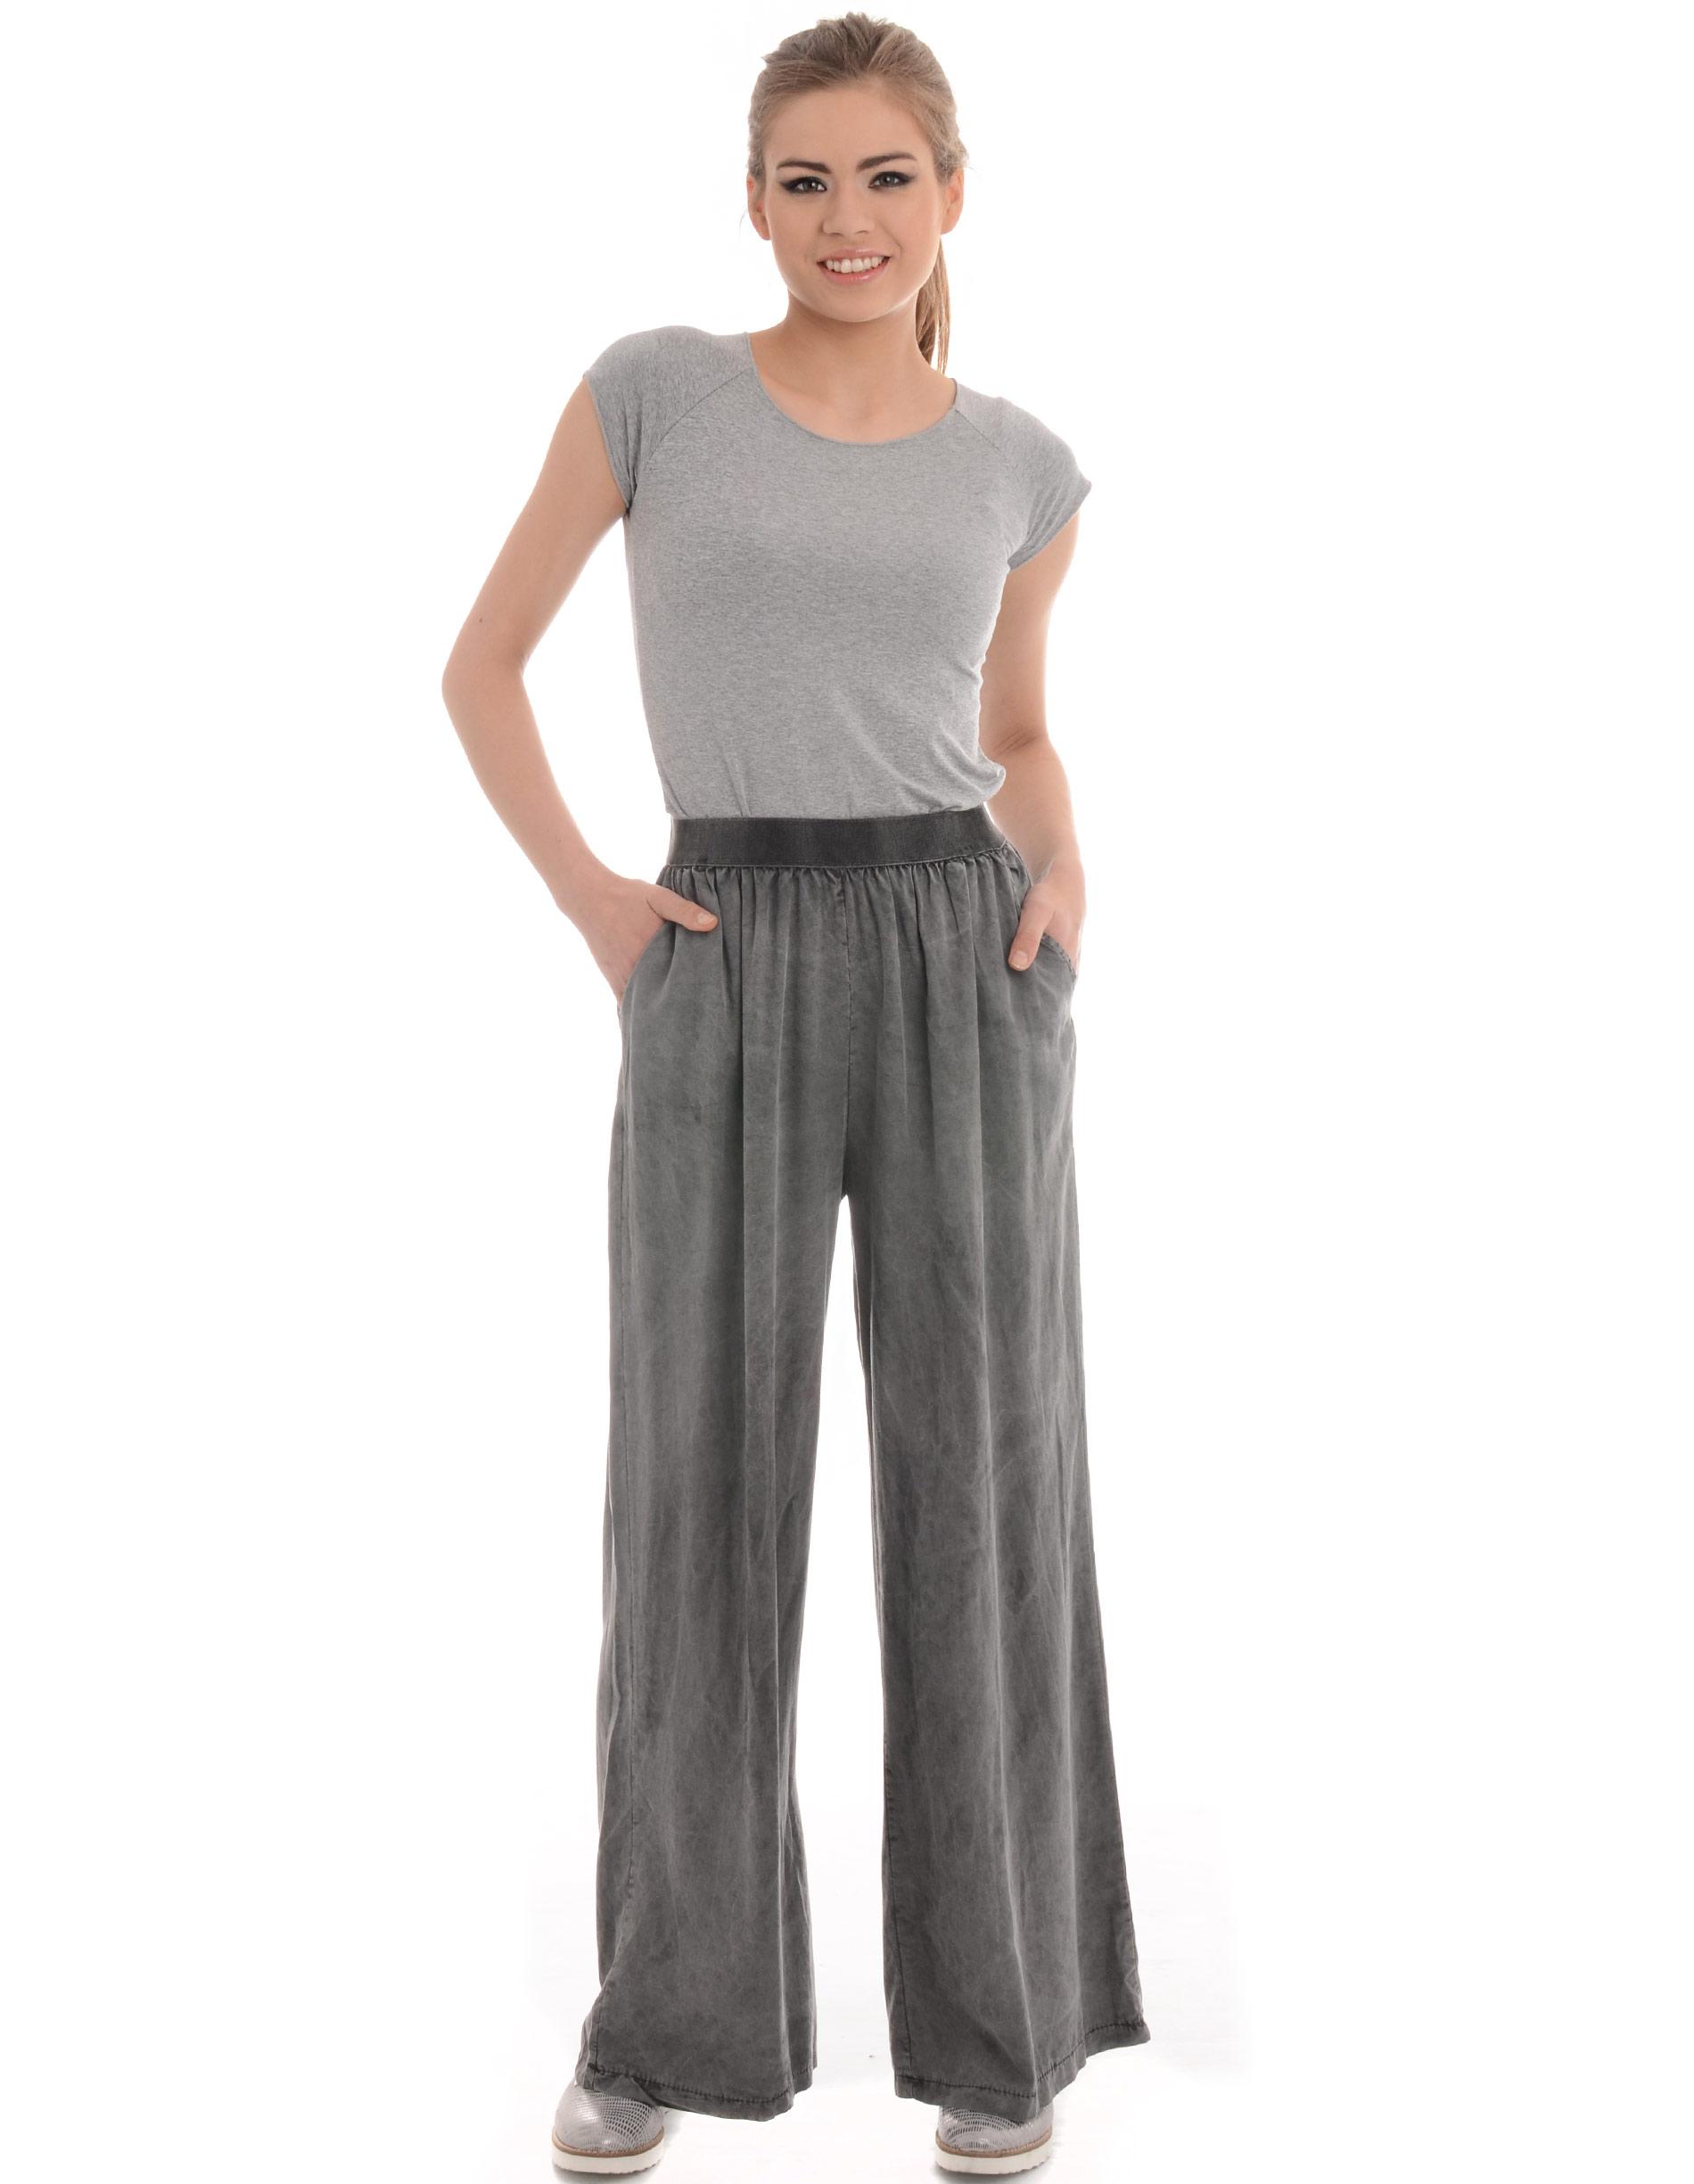 Spodnie - 112-30076 PIO - Unisono